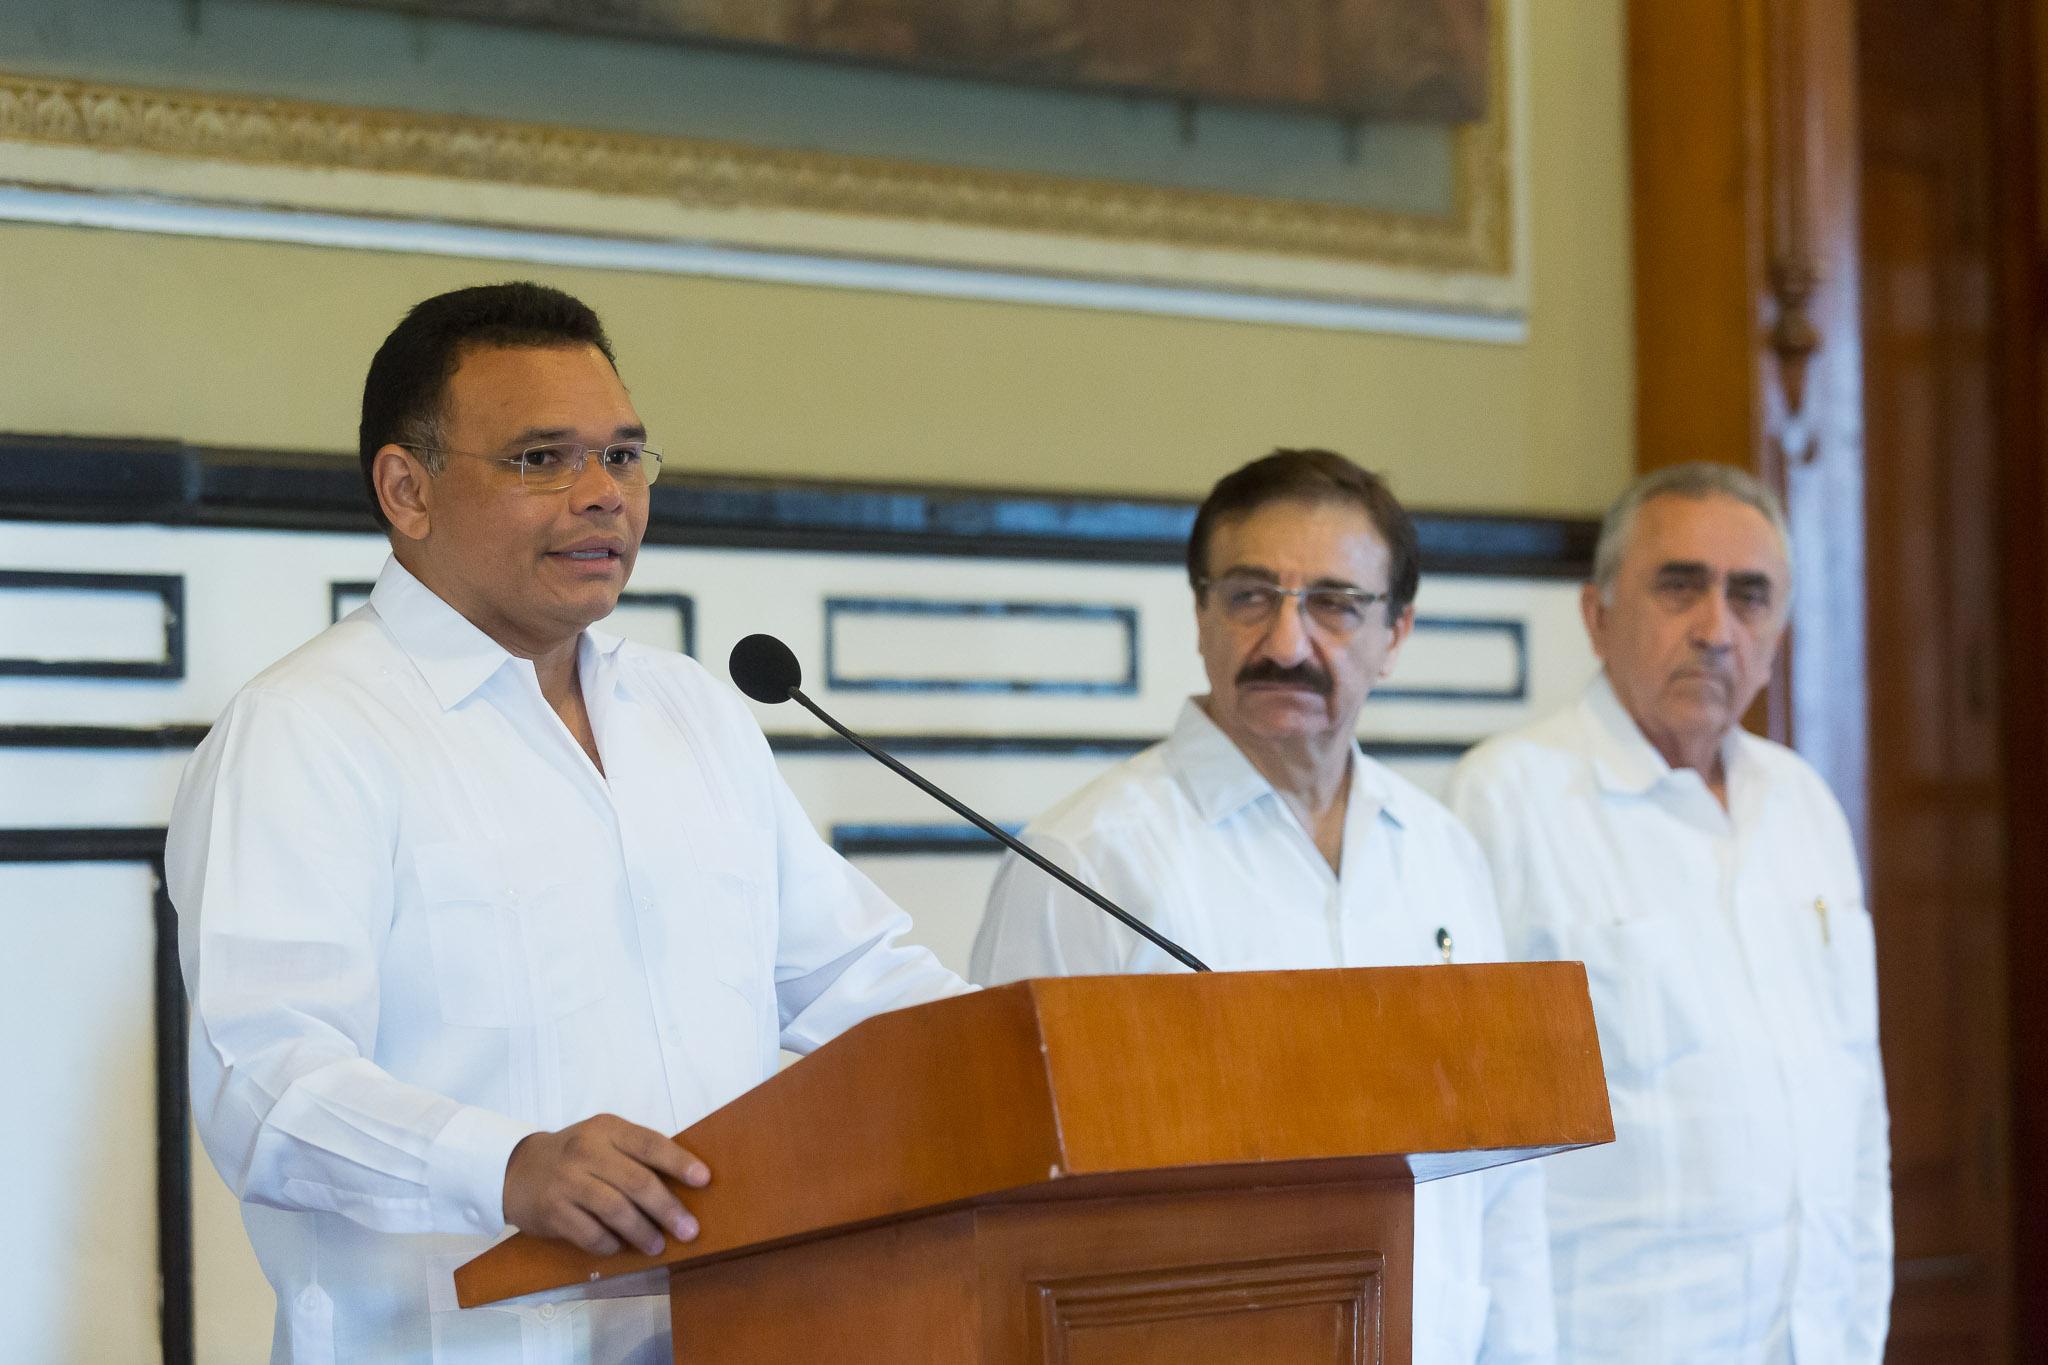 Eliminan en Yucatán impuesto por tenencia vehicular